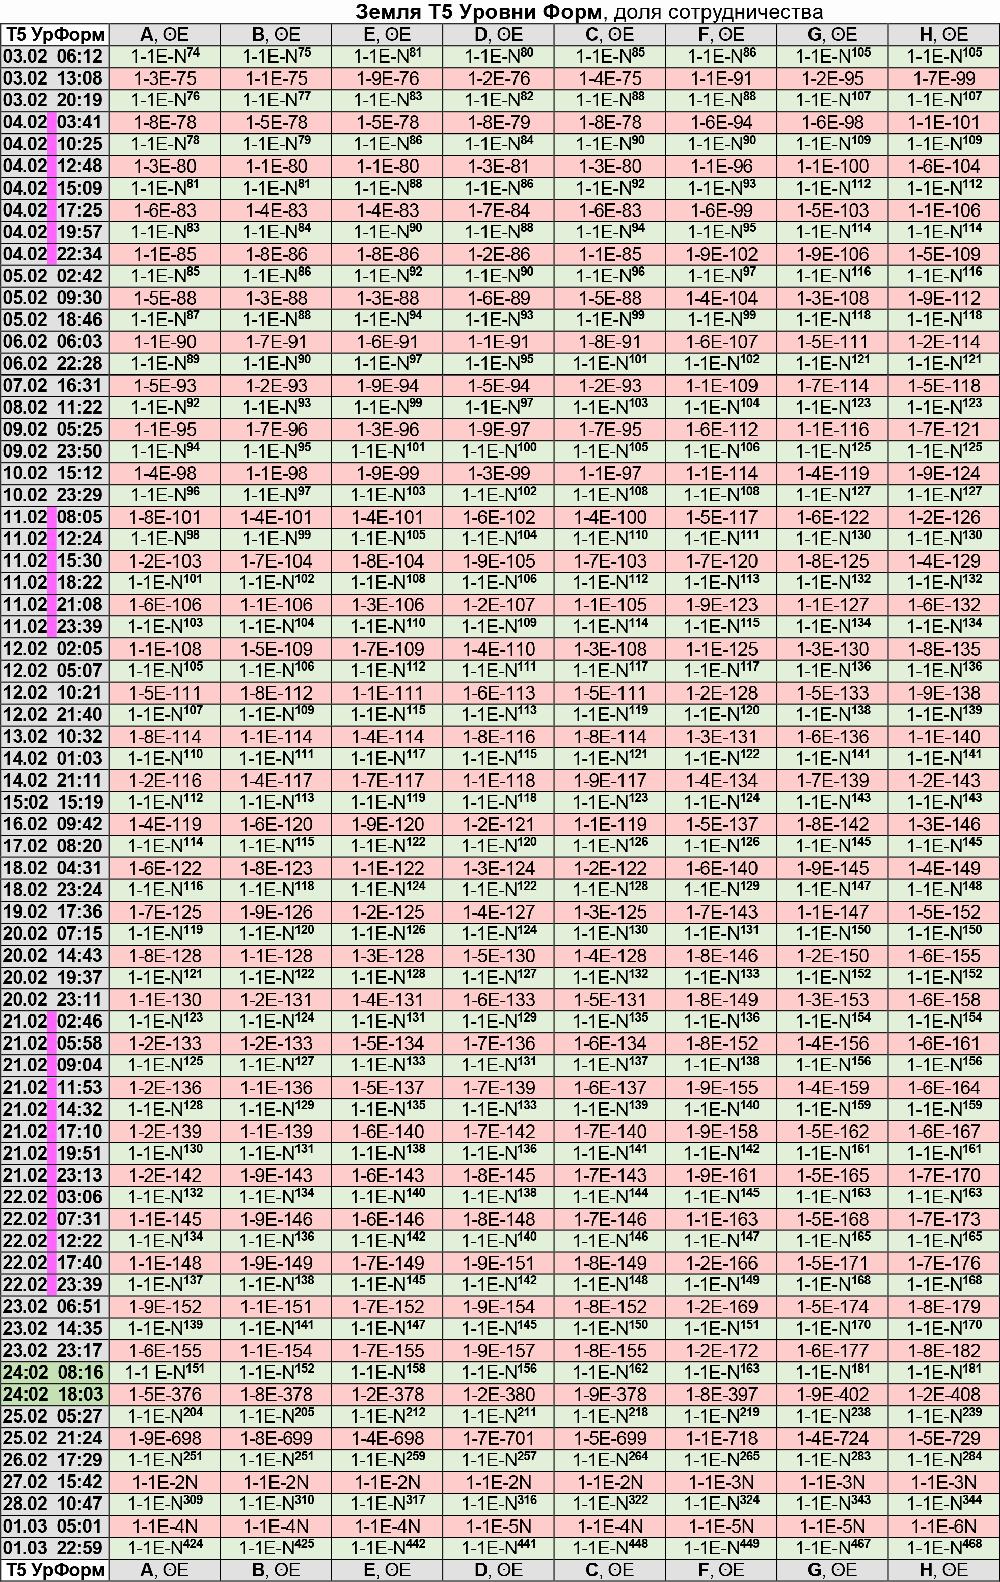 Энергии Земли по уровню Форм 03.02 - 01.03.2021